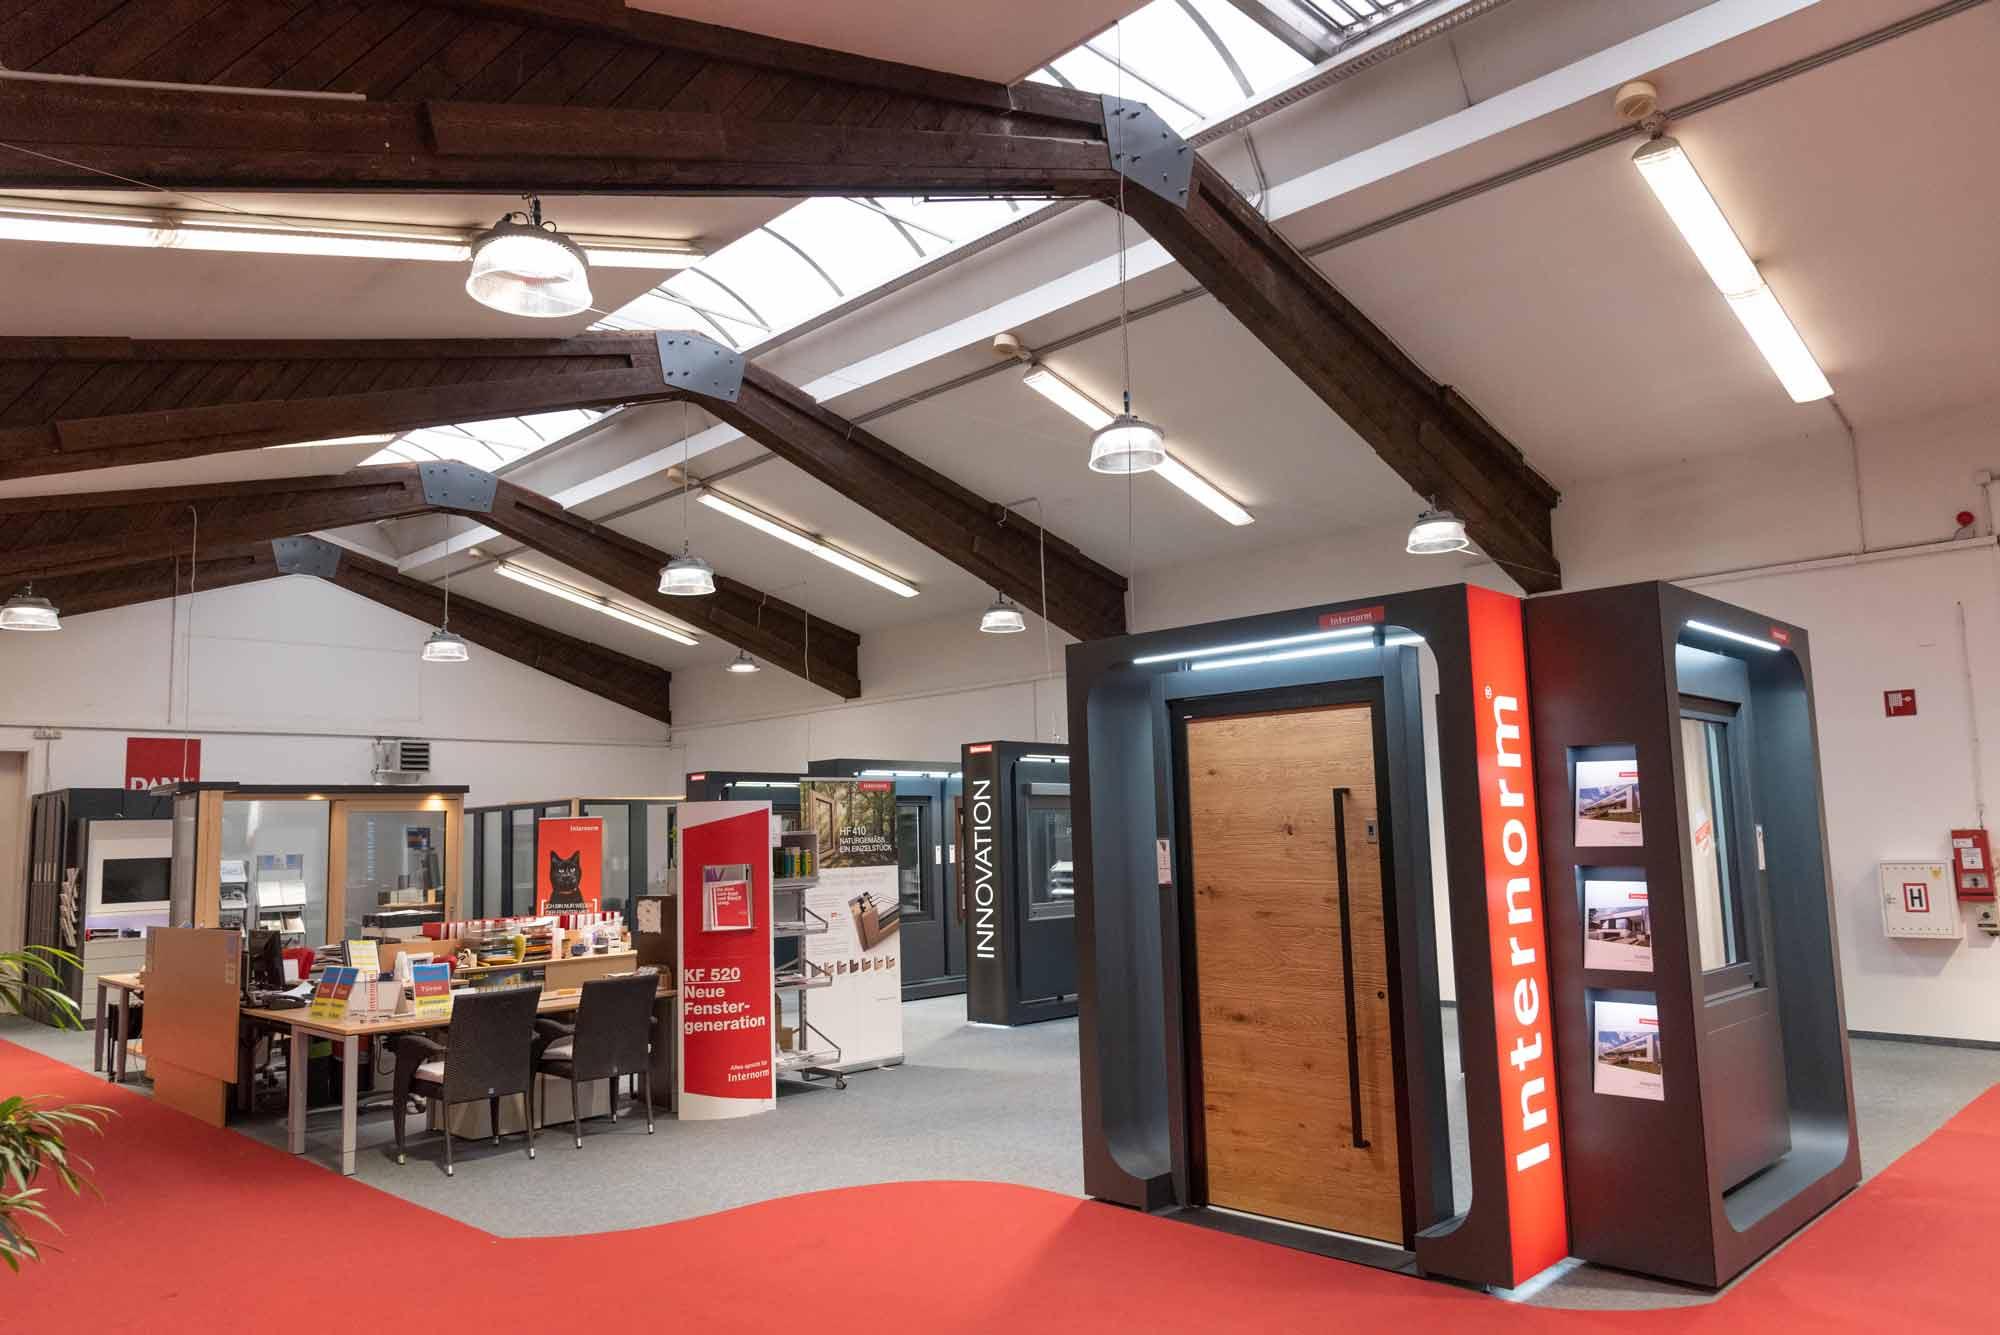 neu renovierter Elemente-Schauraum in Weiz mit modernen anthrazit-Elementen und roten Teppichboden